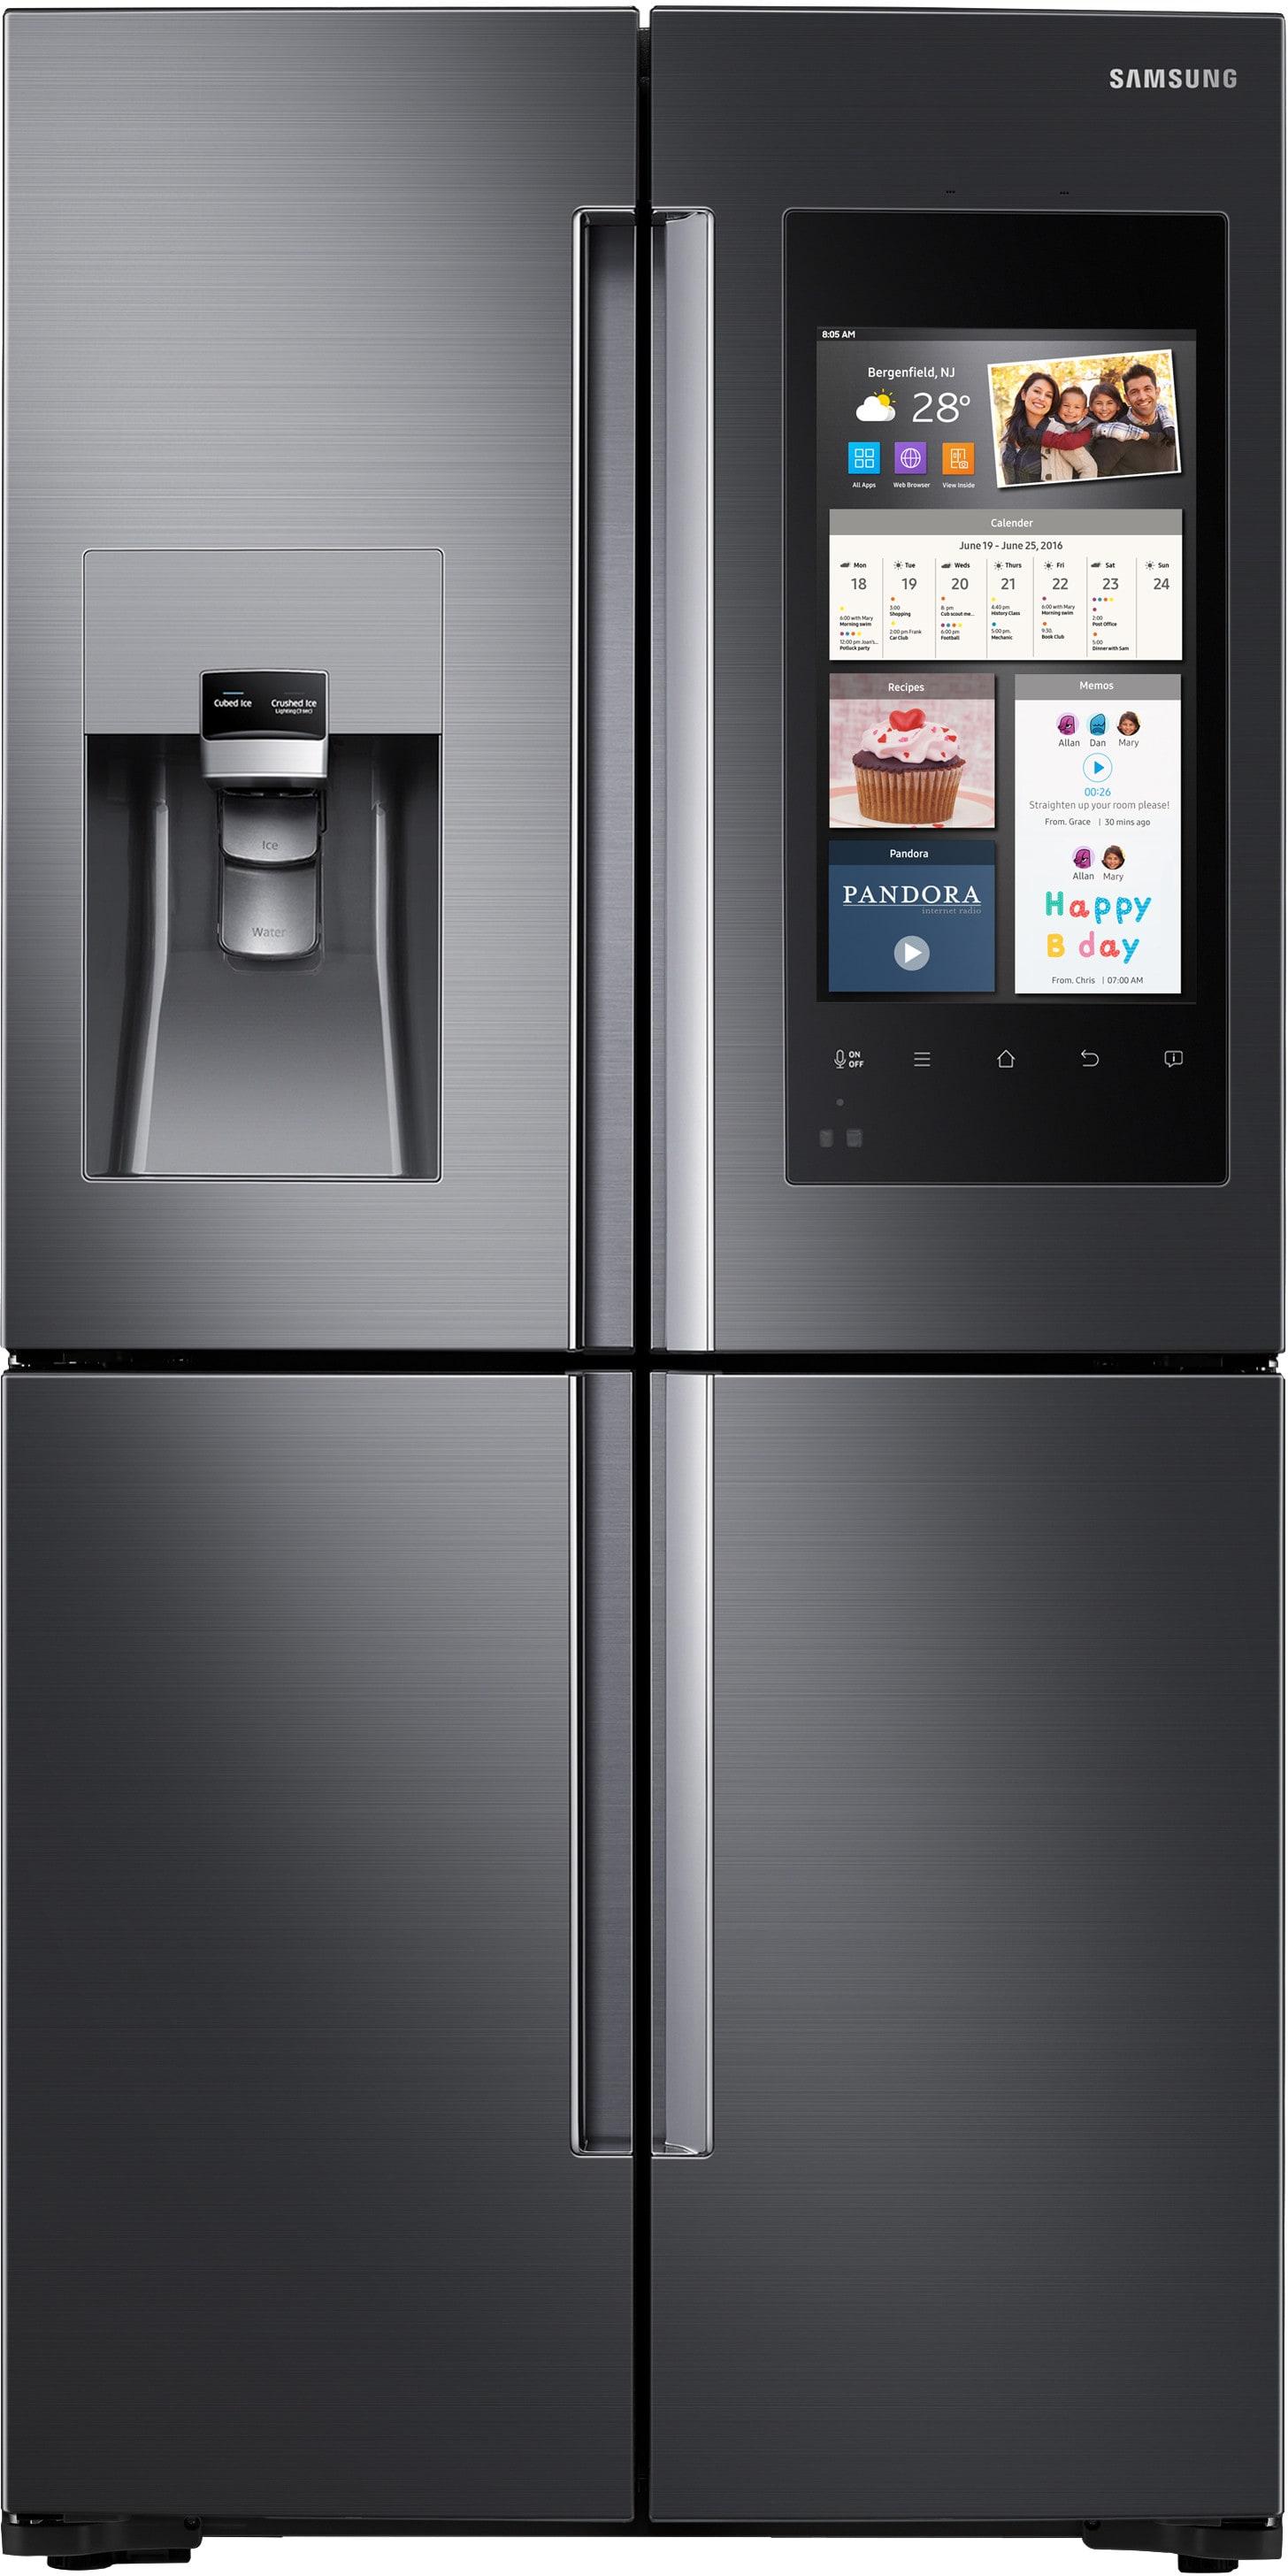 Холодильник самсунг последняя модель 2016 года фото цена